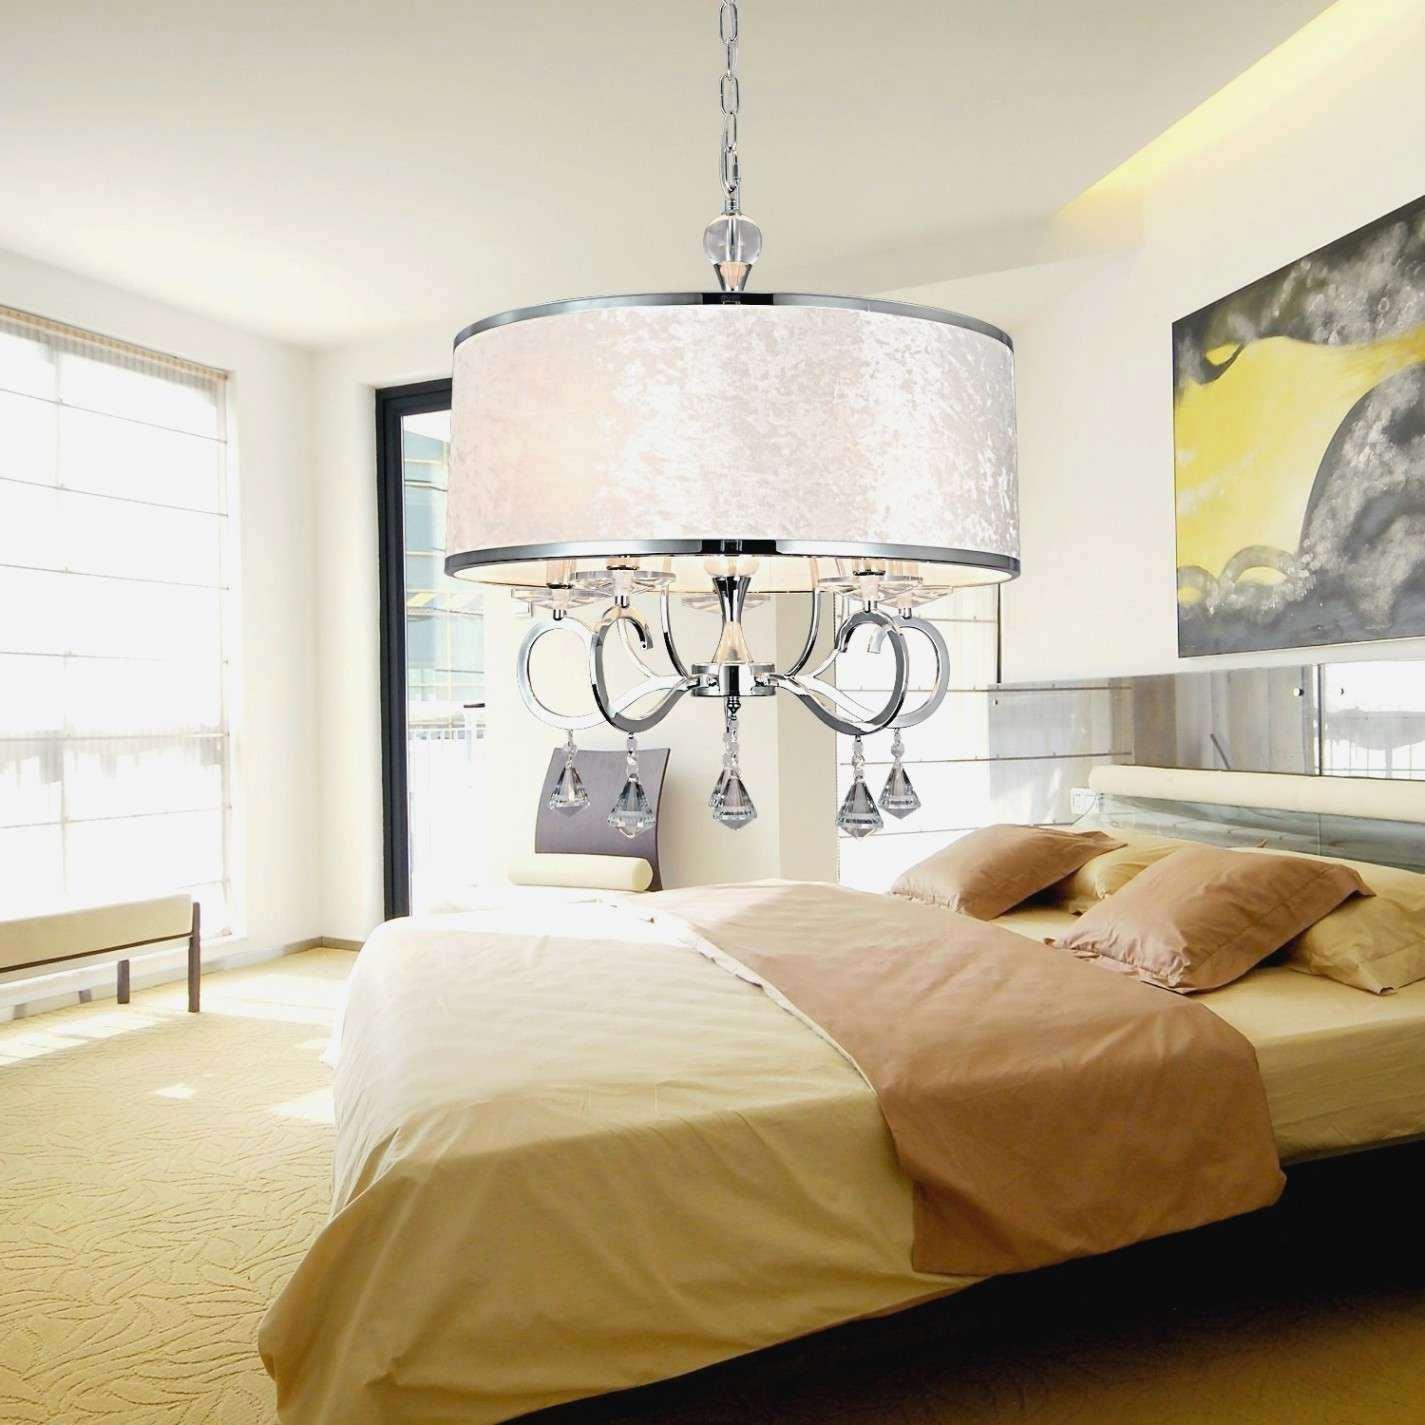 Full Size of Schlafzimmer Deckenleuchte Luxus Atmosphre Warm Bett Runde Modern Kronleuchter Led Küche Lampe Wandtattoo Teppich Deckenleuchten Deckenlampe Rauch Komplett Schlafzimmer Schlafzimmer Deckenleuchte